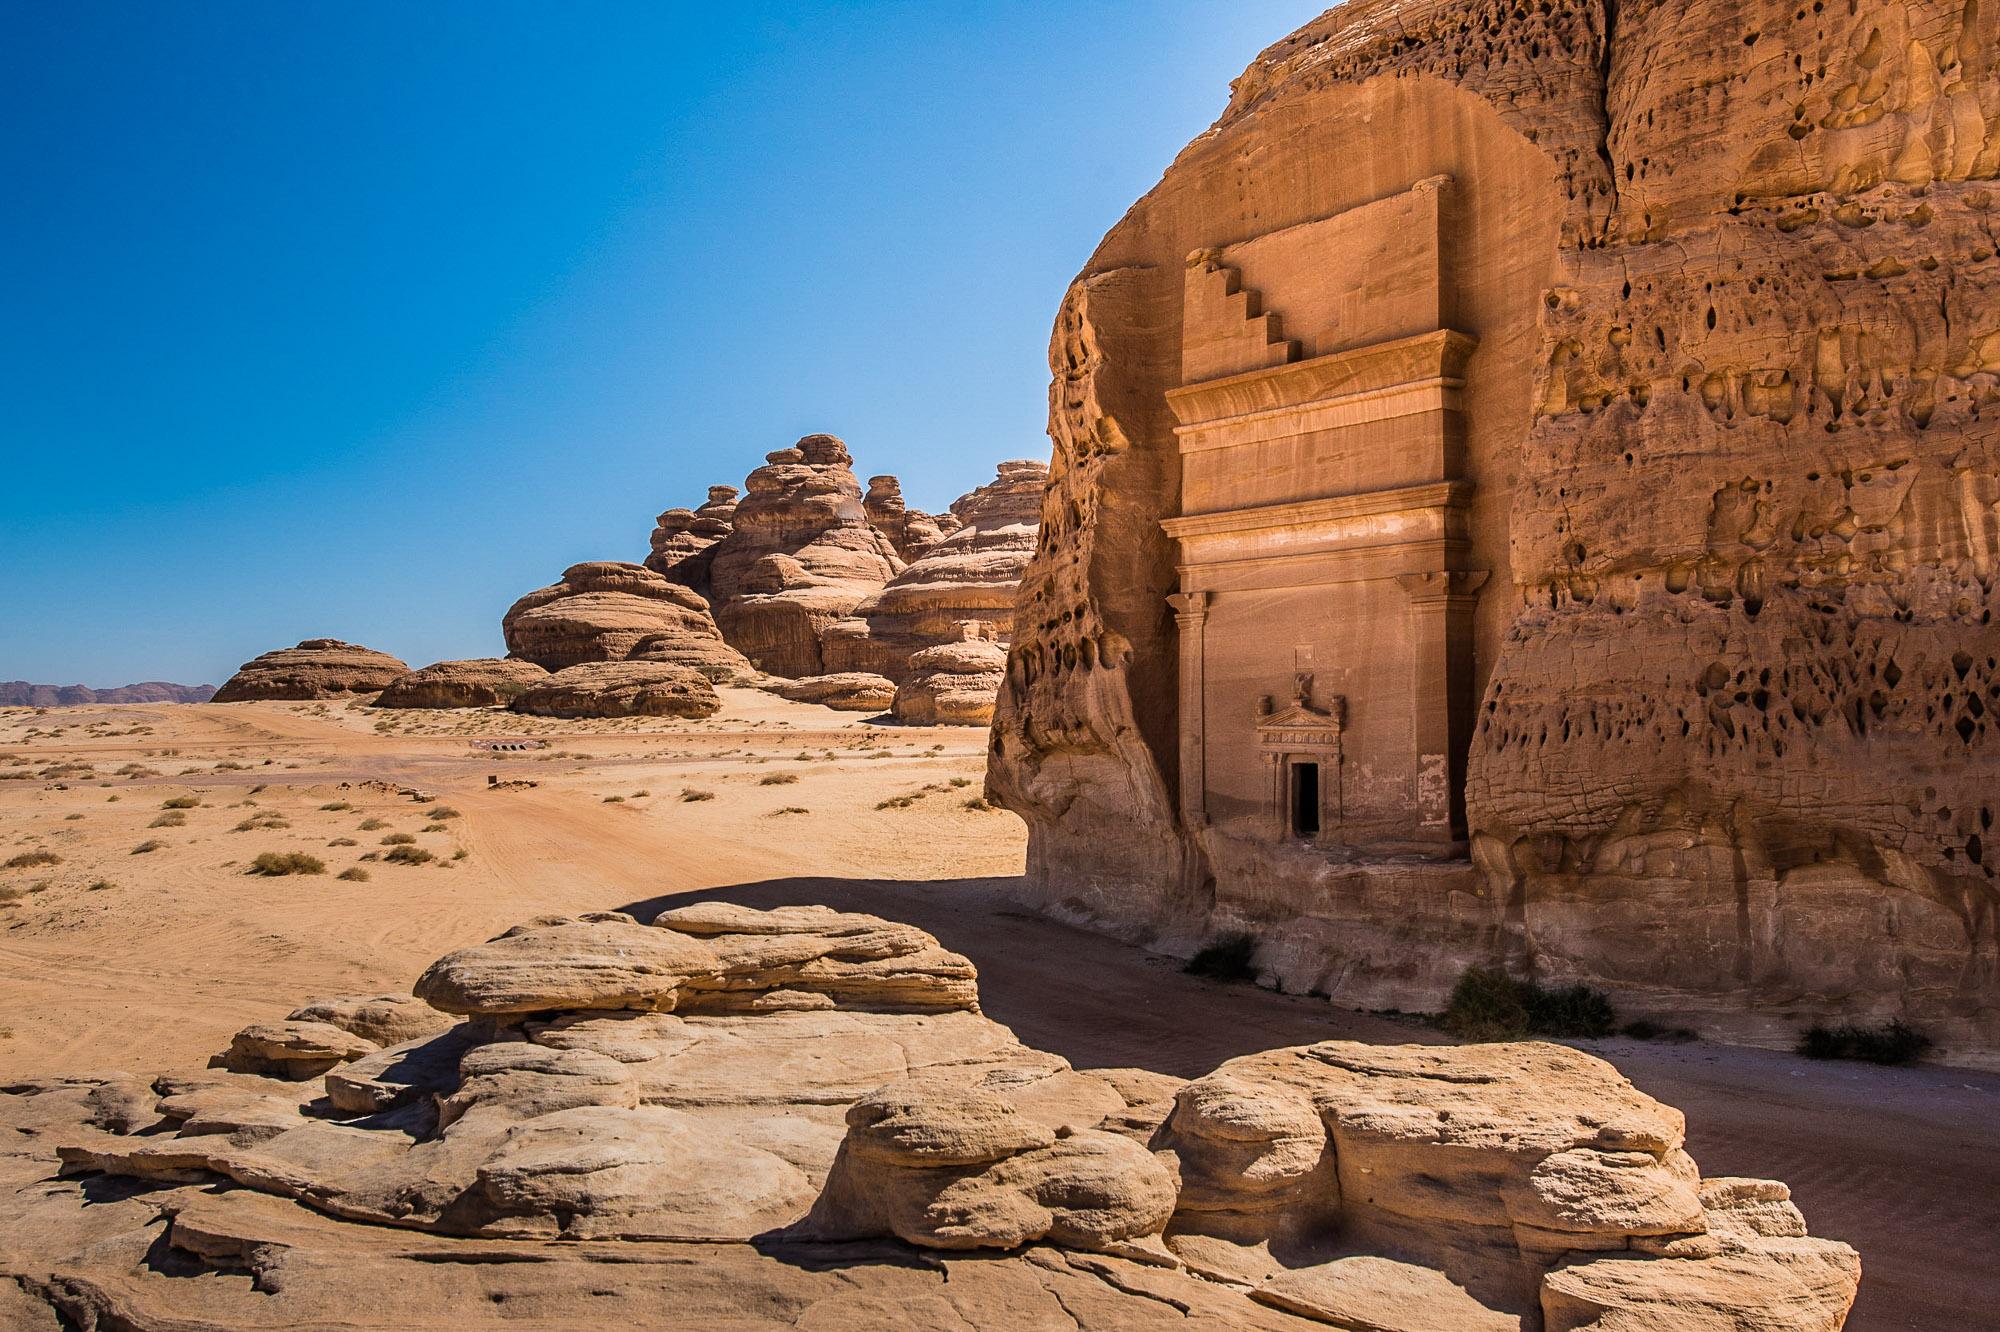 Arabie Saoudite. Madâin Sâlih. Mission archéologique franco-saoudienne sur le site de l'antique cité nabatéenne de Hégra.  Vue sur un des tombeaux monumentaux dit Qasr al-Bint.